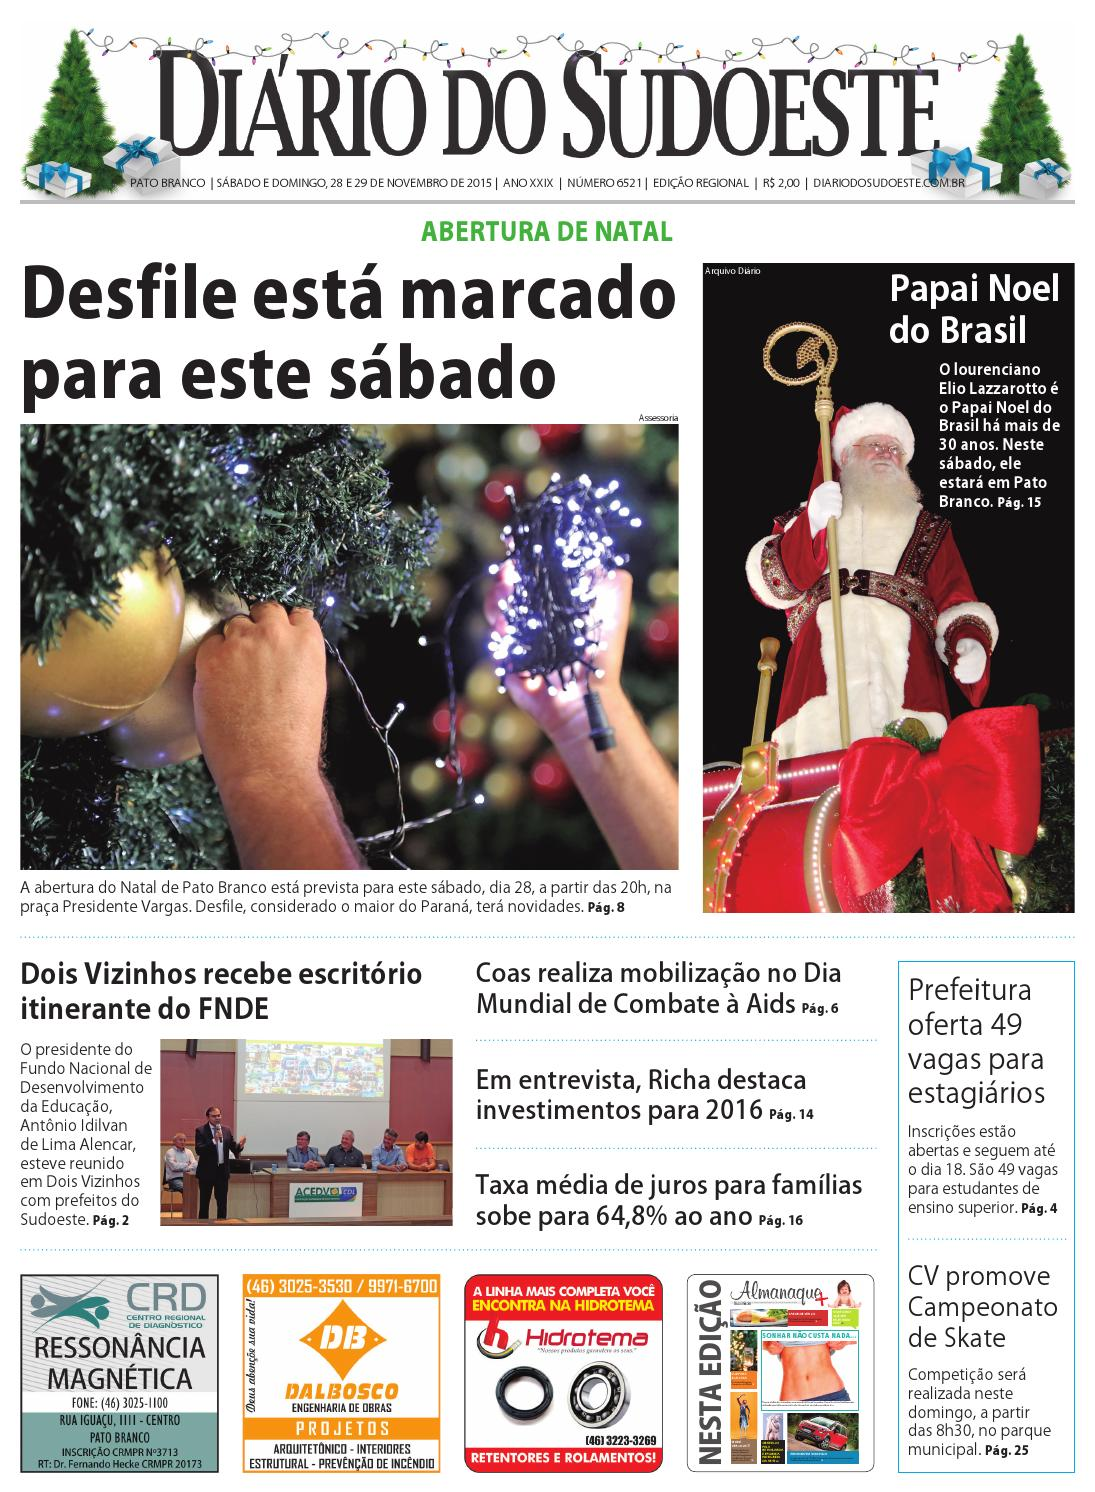 44ed182ab6a5f Diário so sudoeste 28 e 29 de novembro de 2015 ed 6521 by Diário do  Sudoeste - issuu